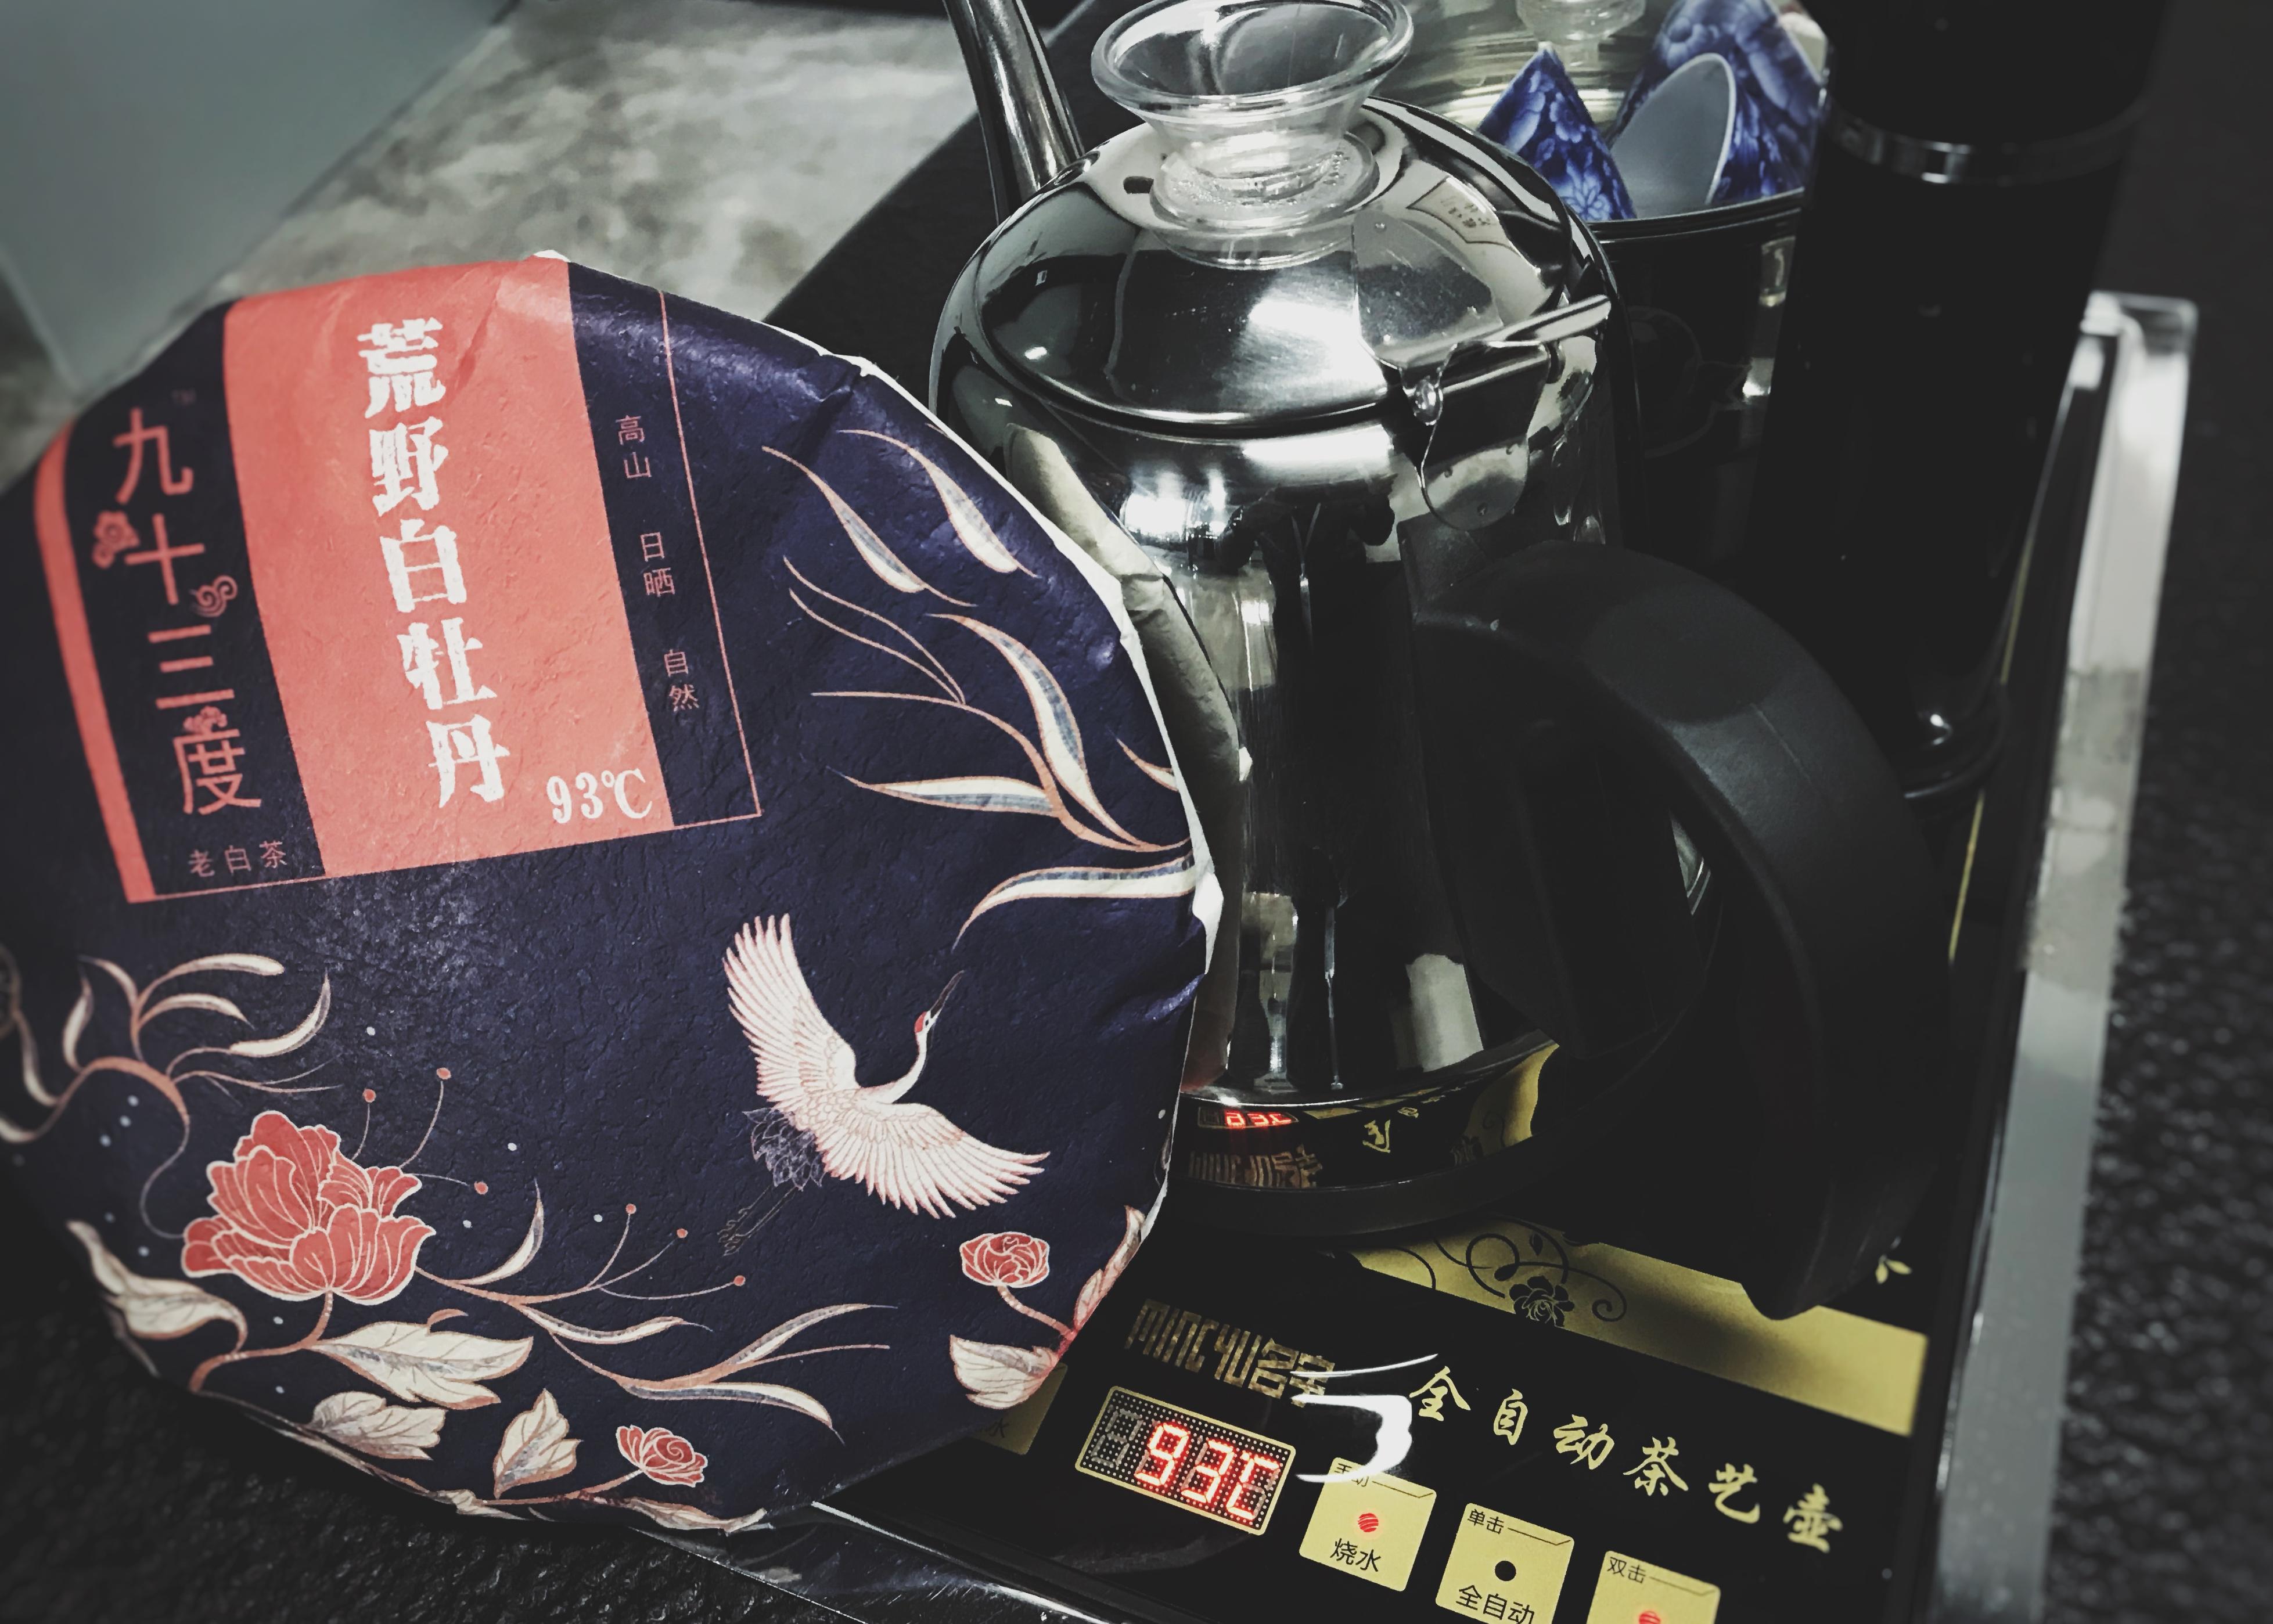 龙井、铁观音、信阳毛尖独特风格誉中外 九十三度白茶发挥优势抢占市场